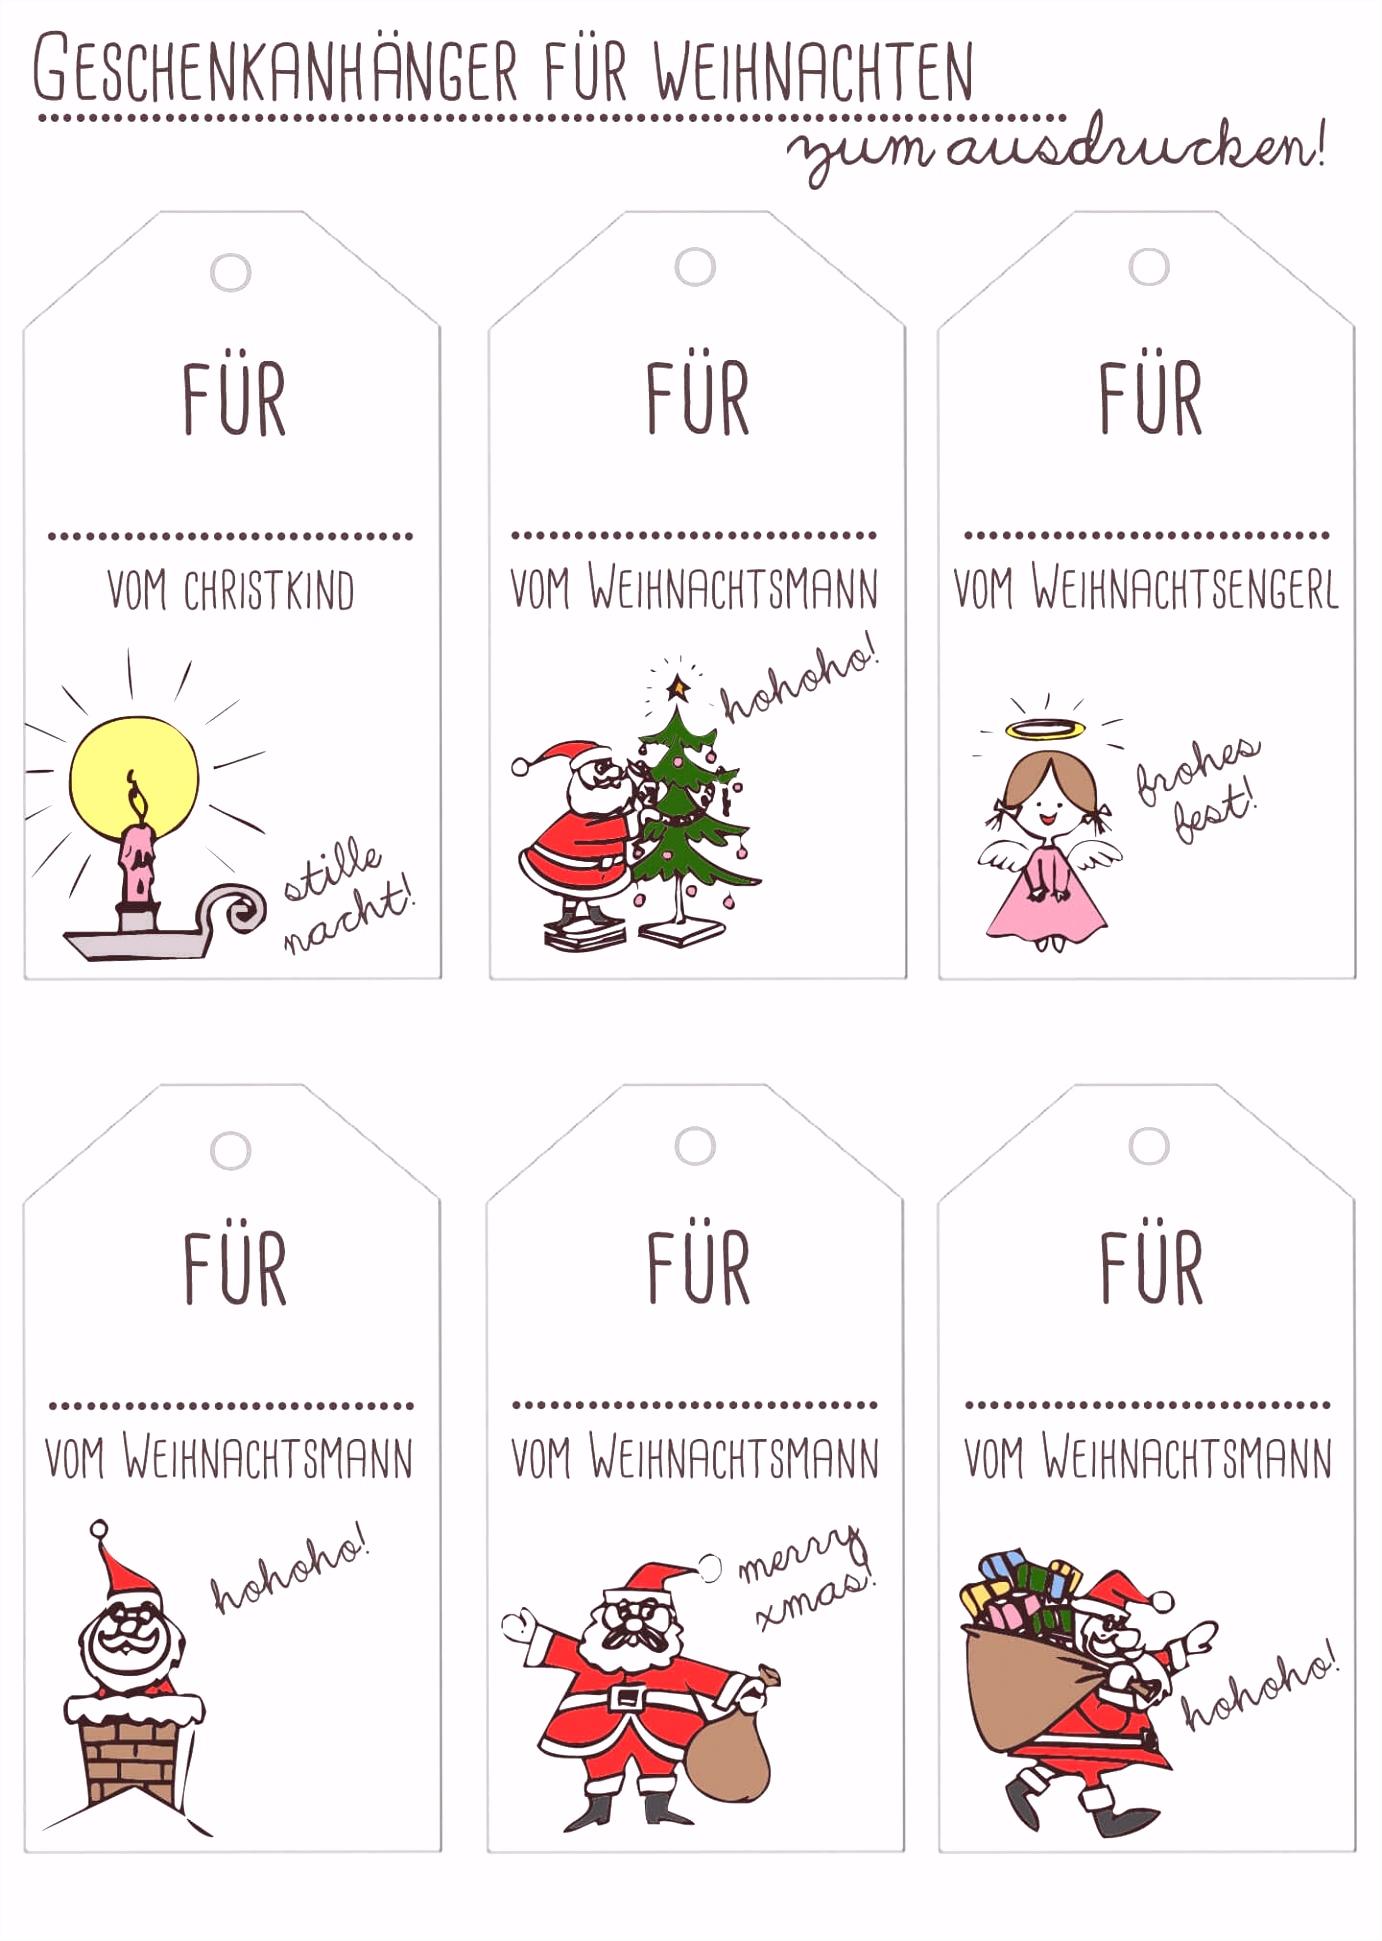 Einfach Geschenkkarten Zum Ausdrucken Kostenlos Weihnachten Pujcka